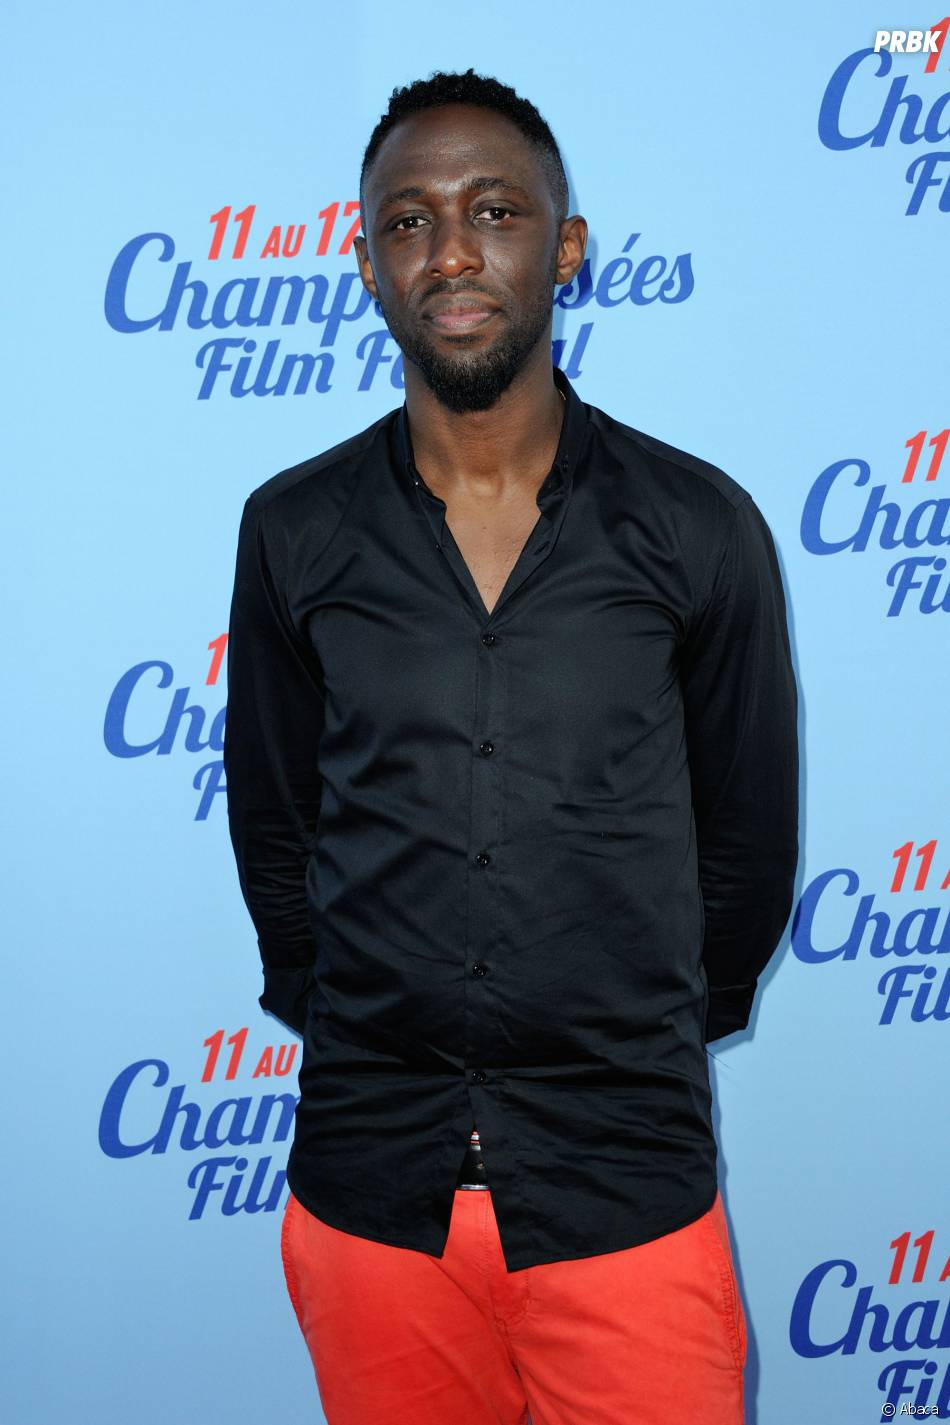 Thomas Ngijol à la première de Fast Life, pendant le Festival du film des Champs Elysées, le 11 juin 2014 à Paris